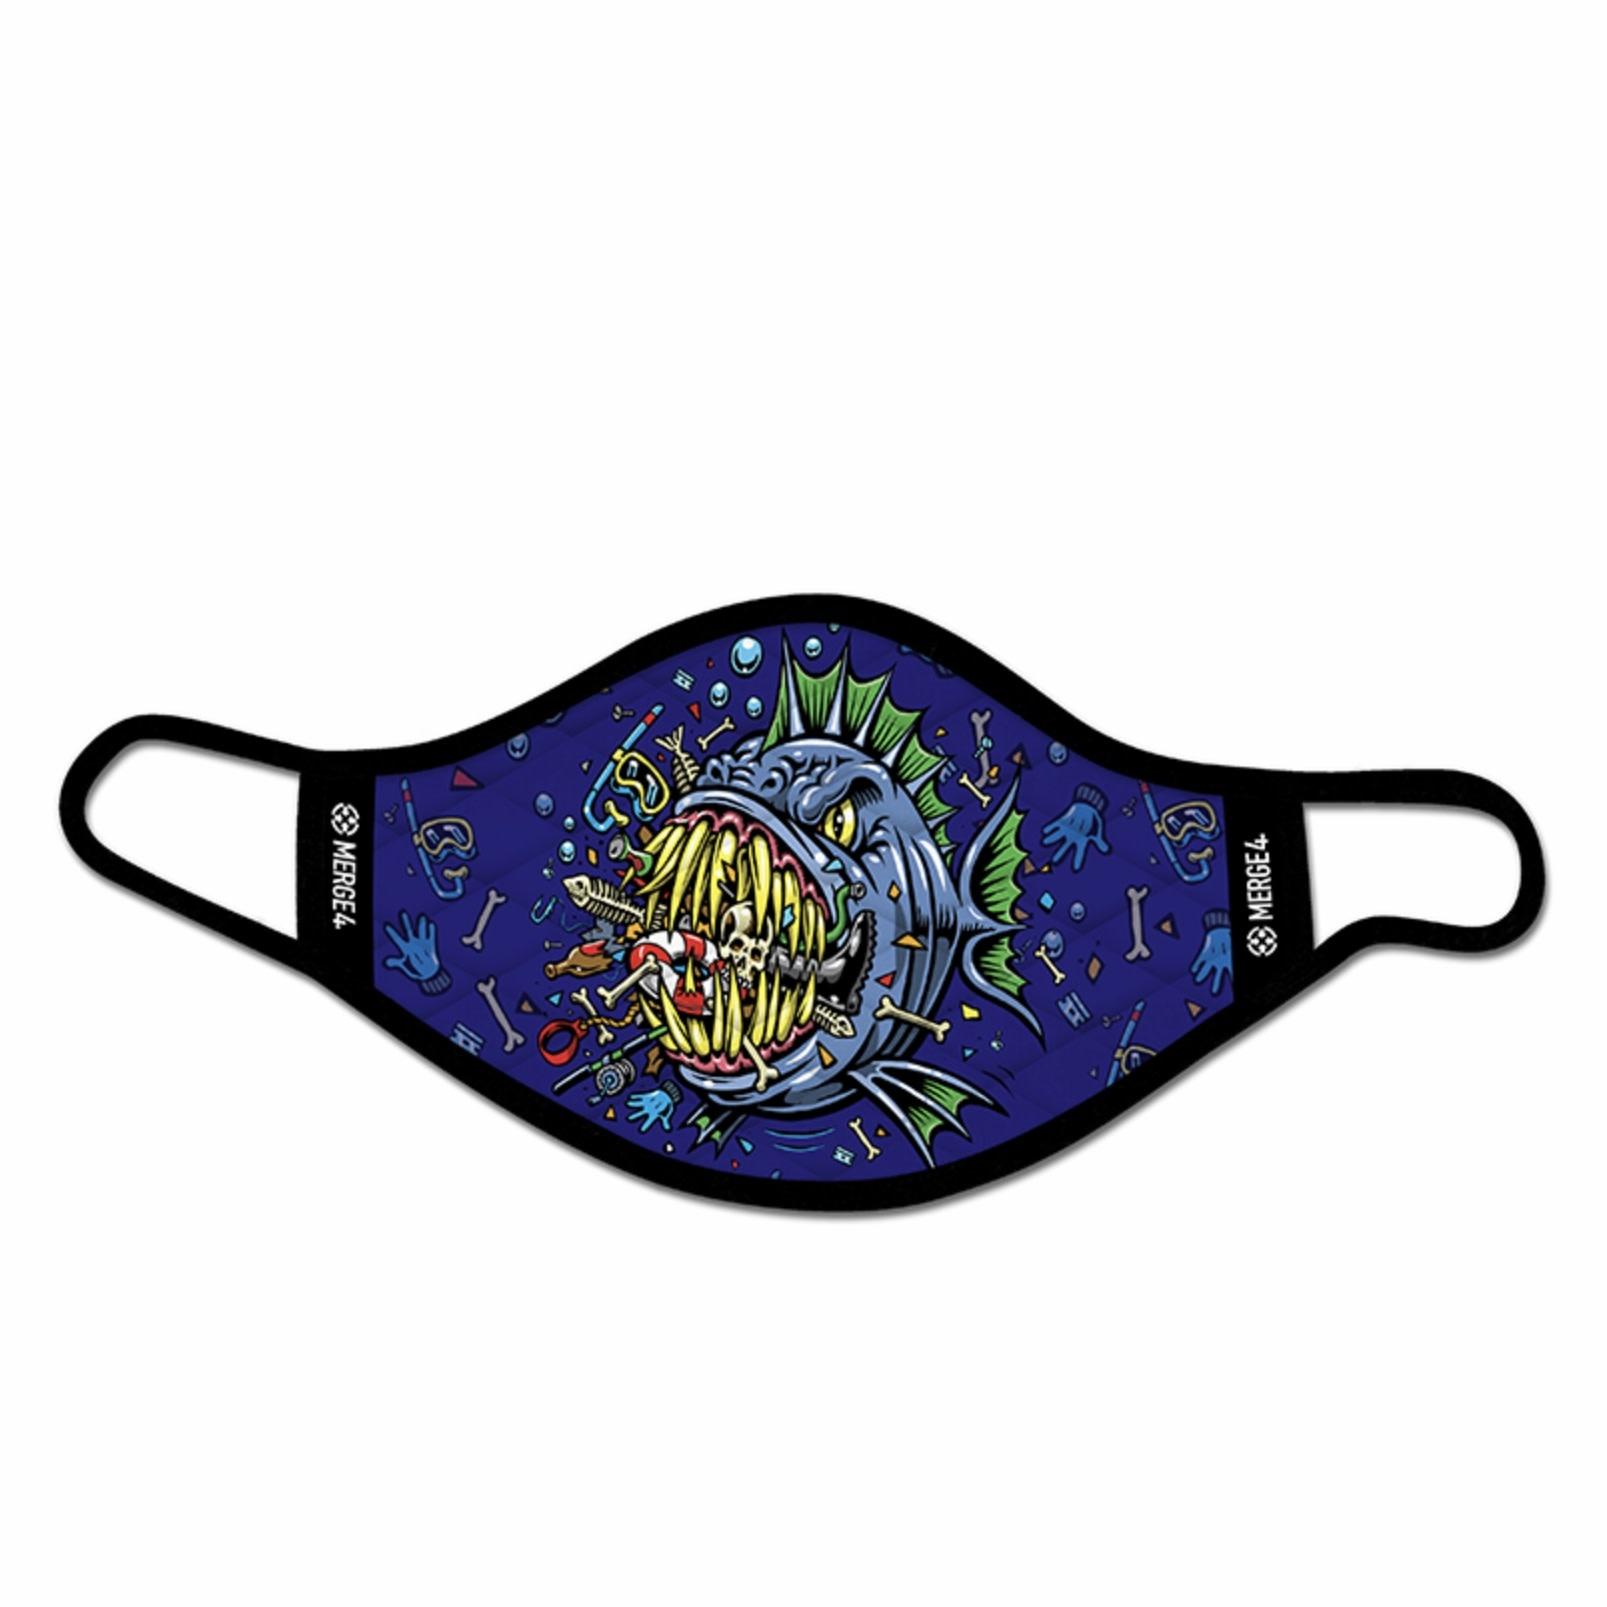 Merge 4 Merge 4 - Jimbo Bad Fish Mask